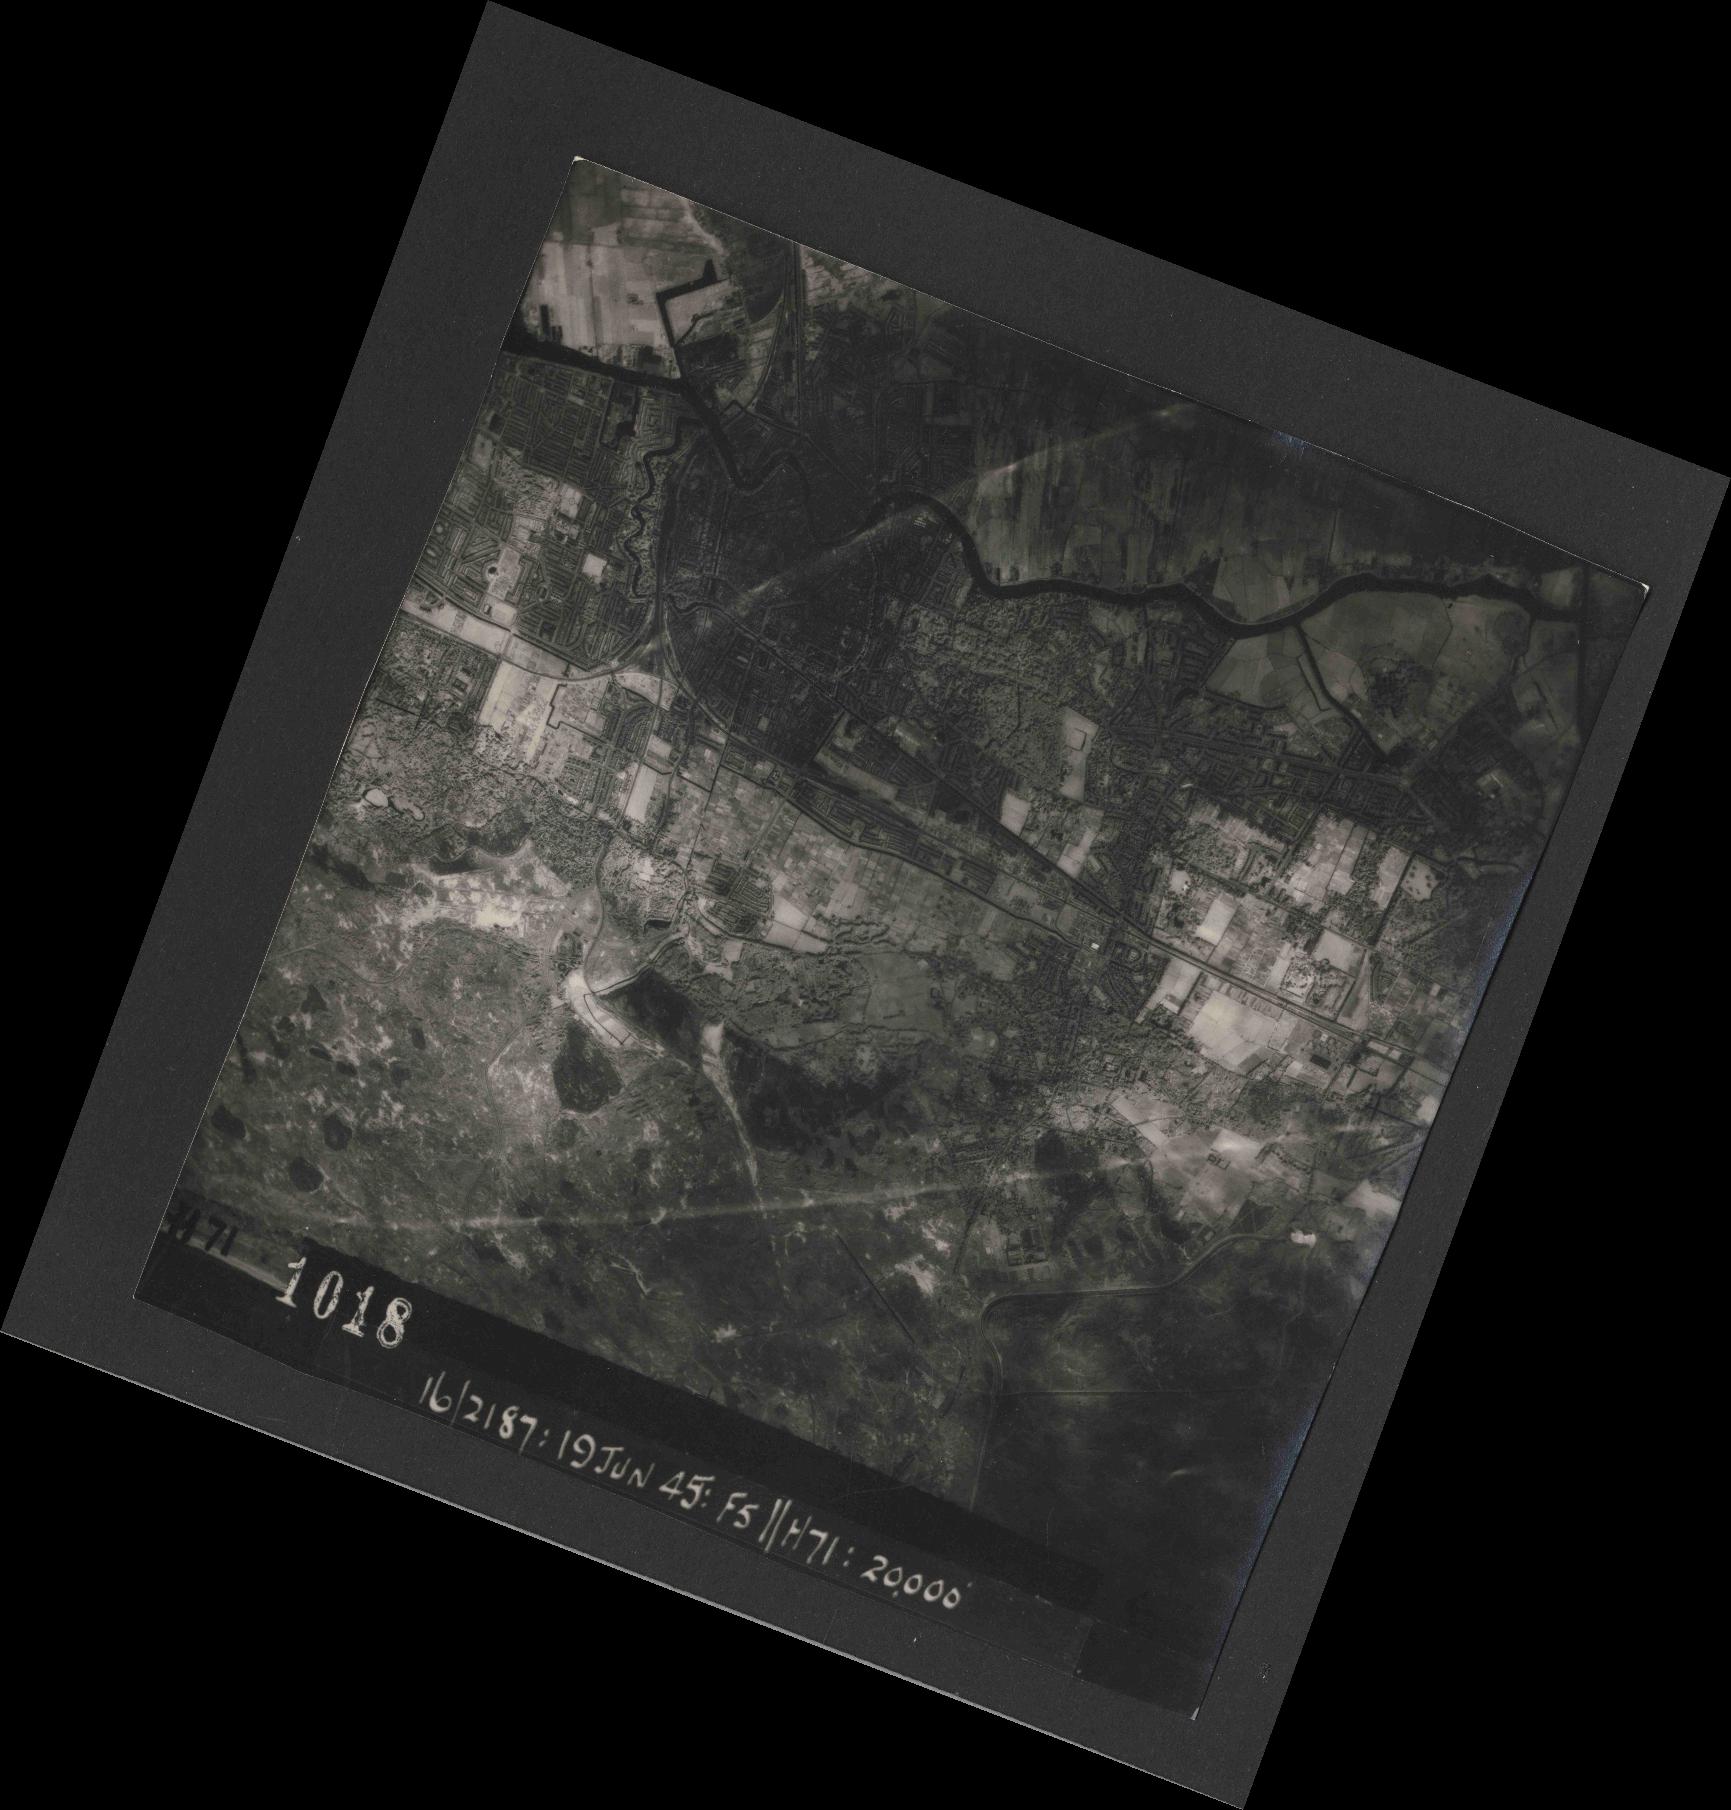 Collection RAF aerial photos 1940-1945 - flight 551, run 01, photo 1018